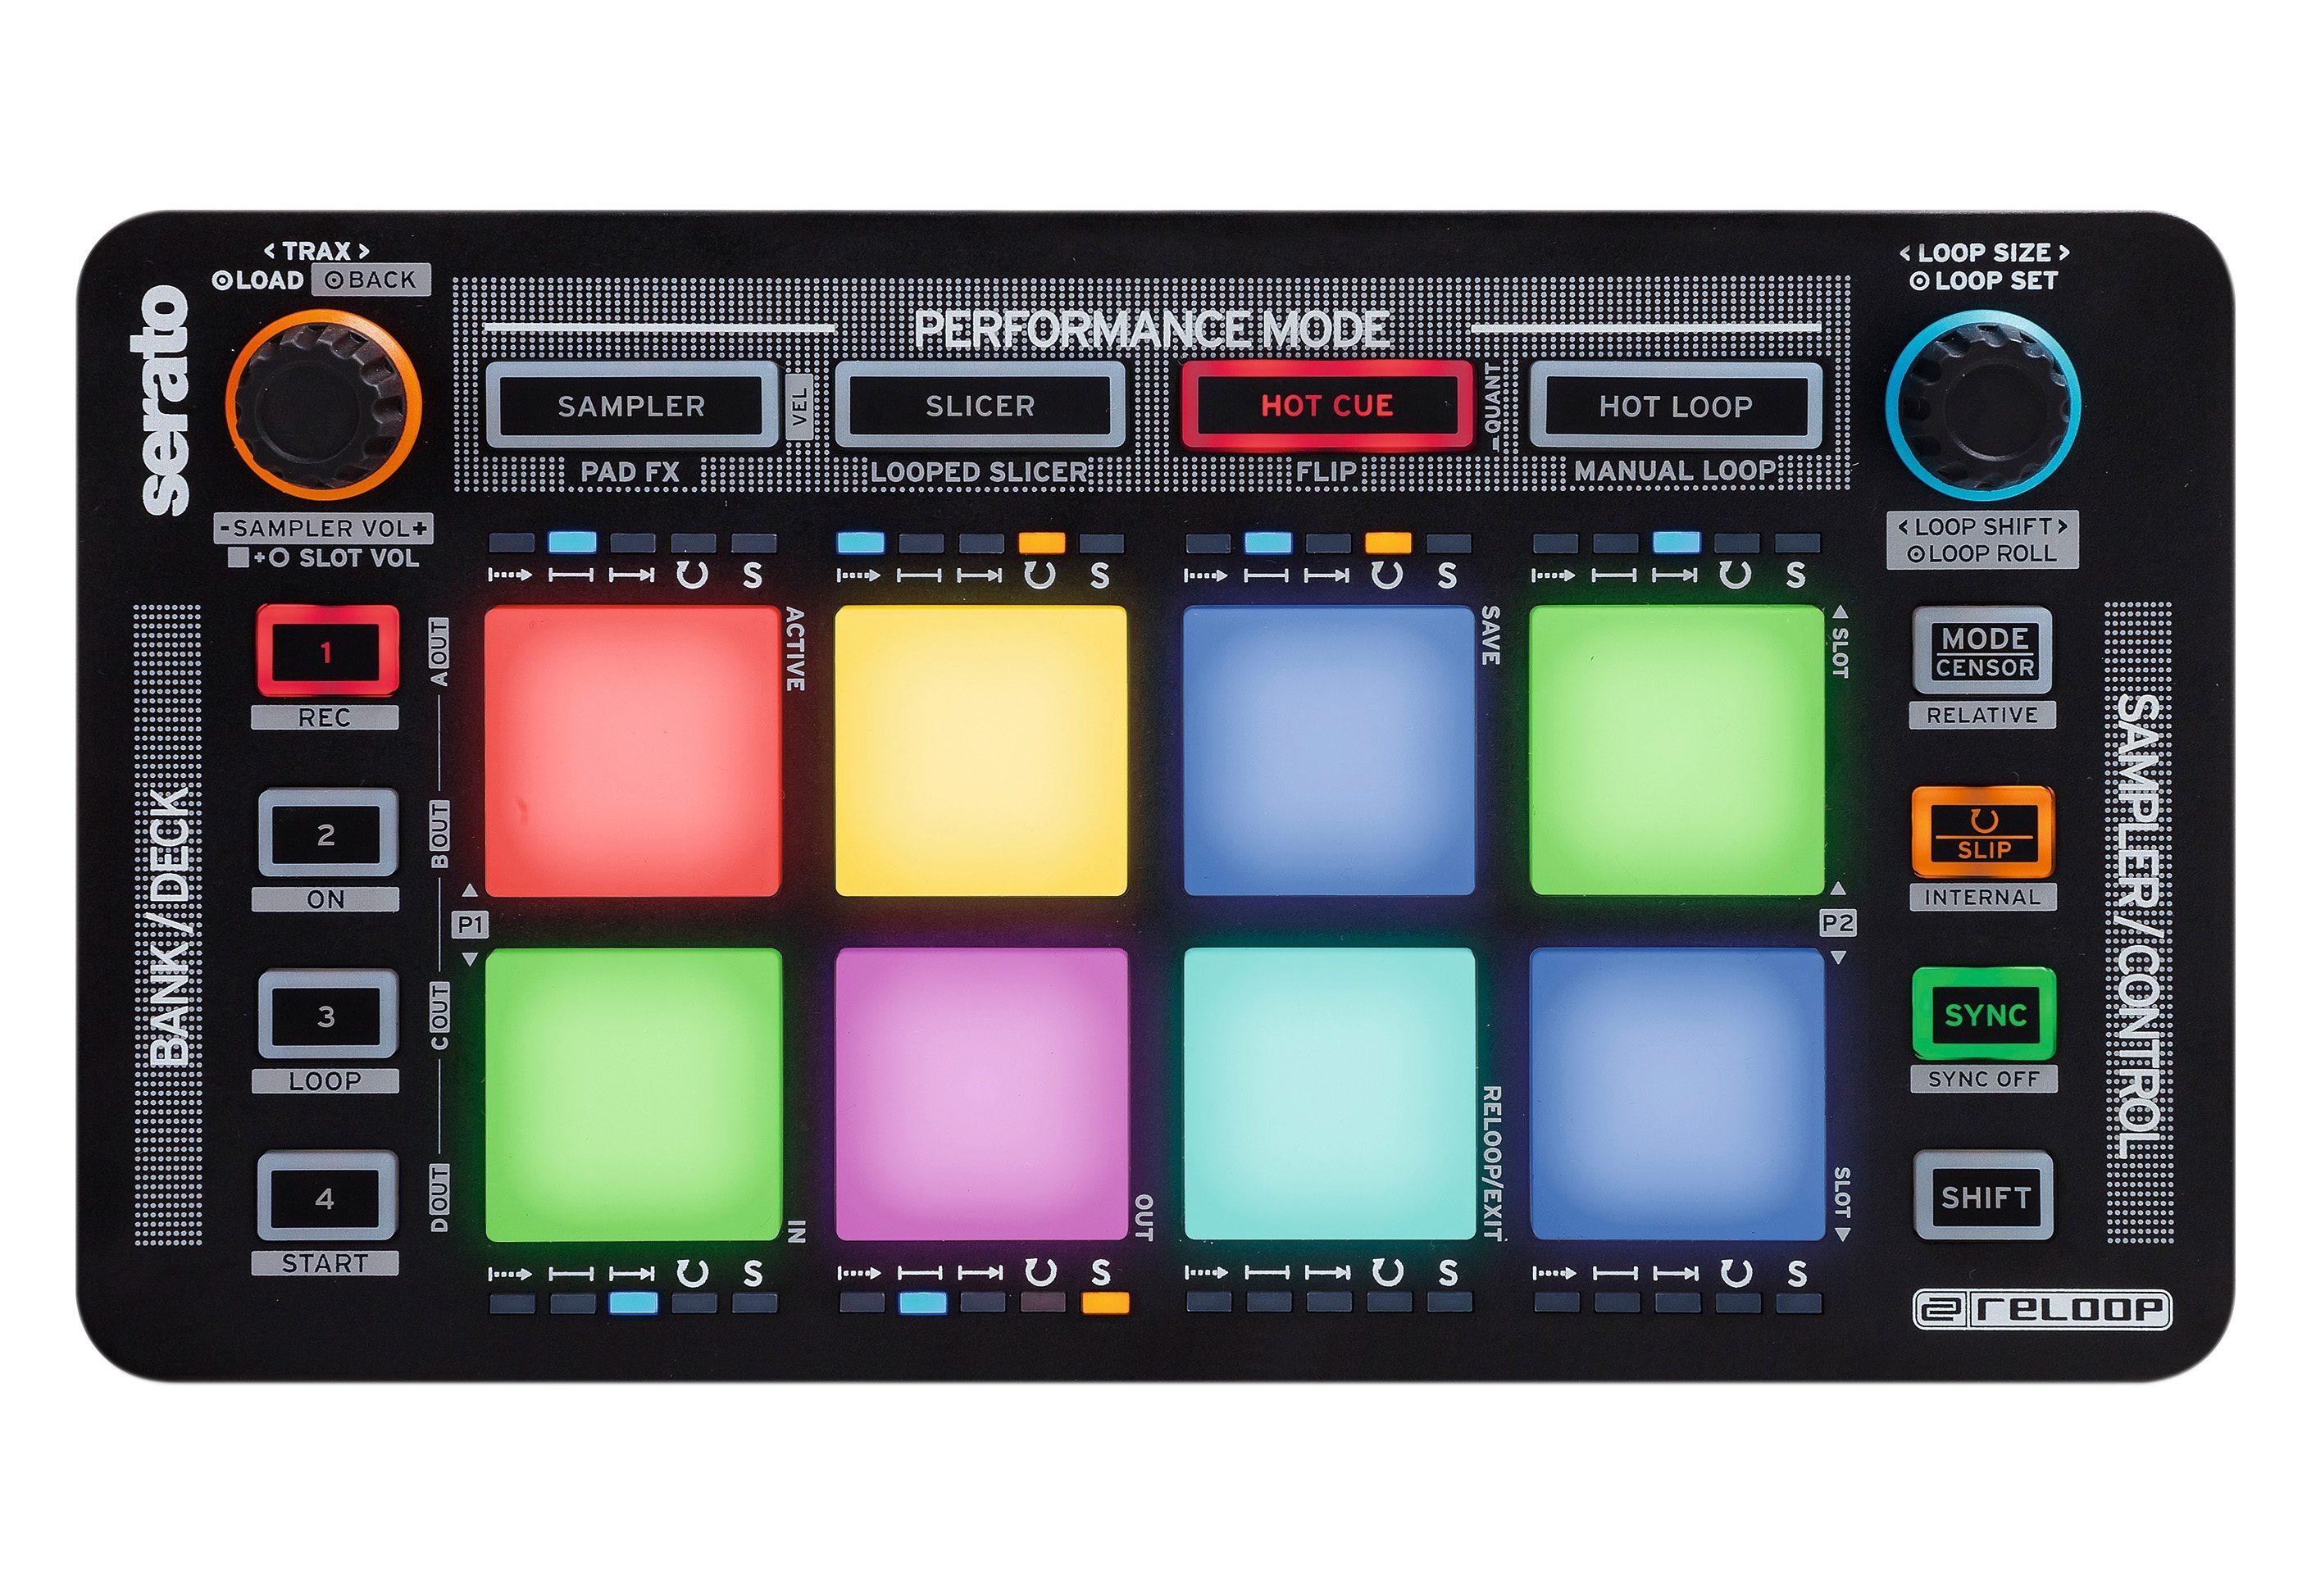 DJ-Pad-Controller für Serato DJ, »NEON«, Reloop